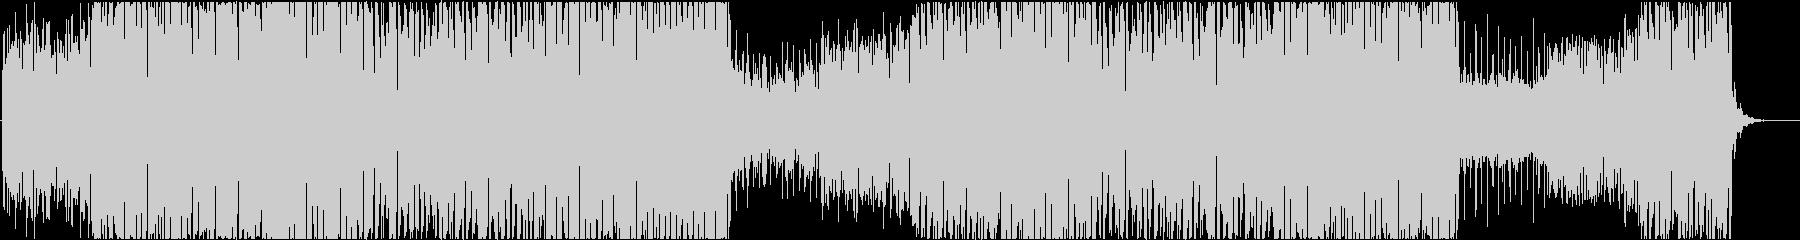 シンセ音キラキラ明るいPOPの未再生の波形